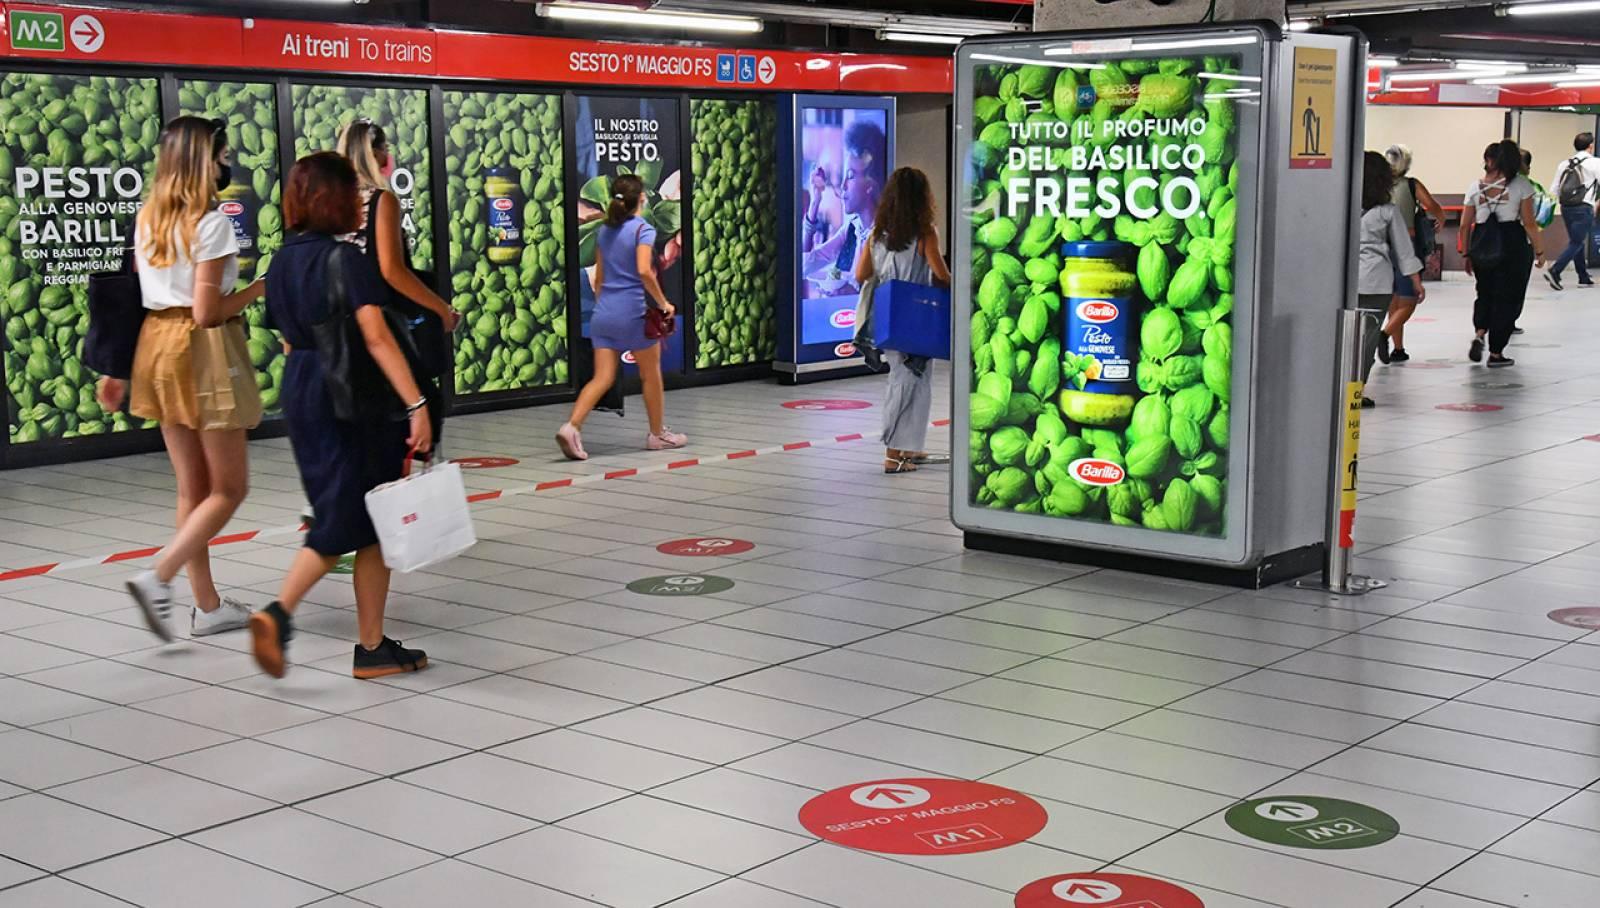 IGPDecaux Milano pubblicità Out of Home in metropolitana Station Domination per Barilla